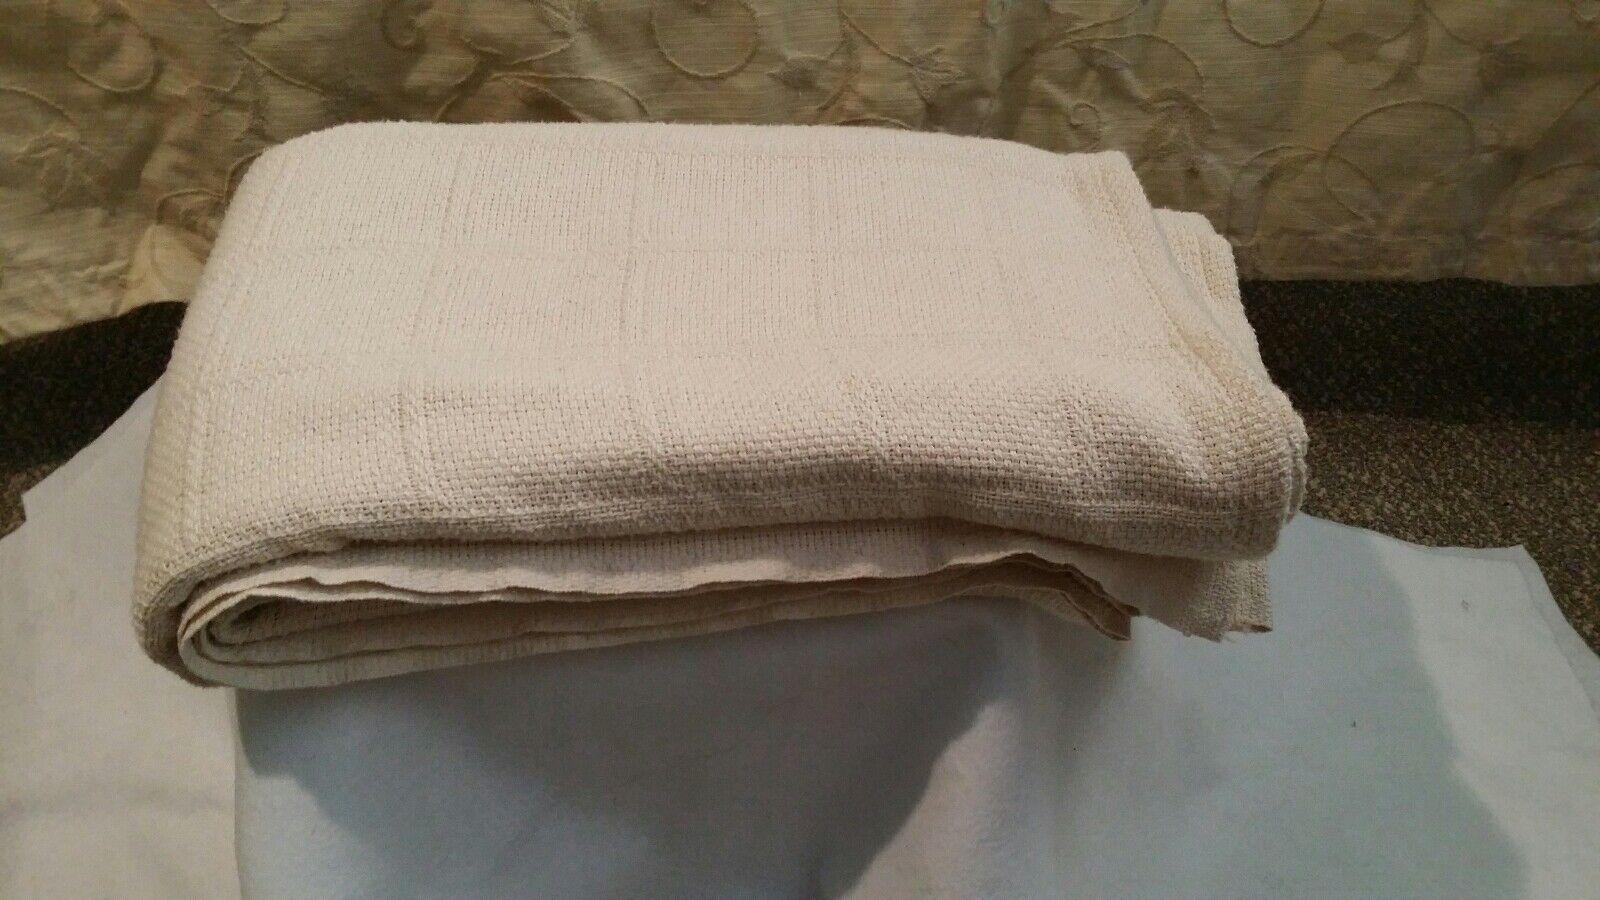 Ralph Lauren Blanket Throw QUEEN Beige 100% Woven Cotton 90  X 90  VINTAGE